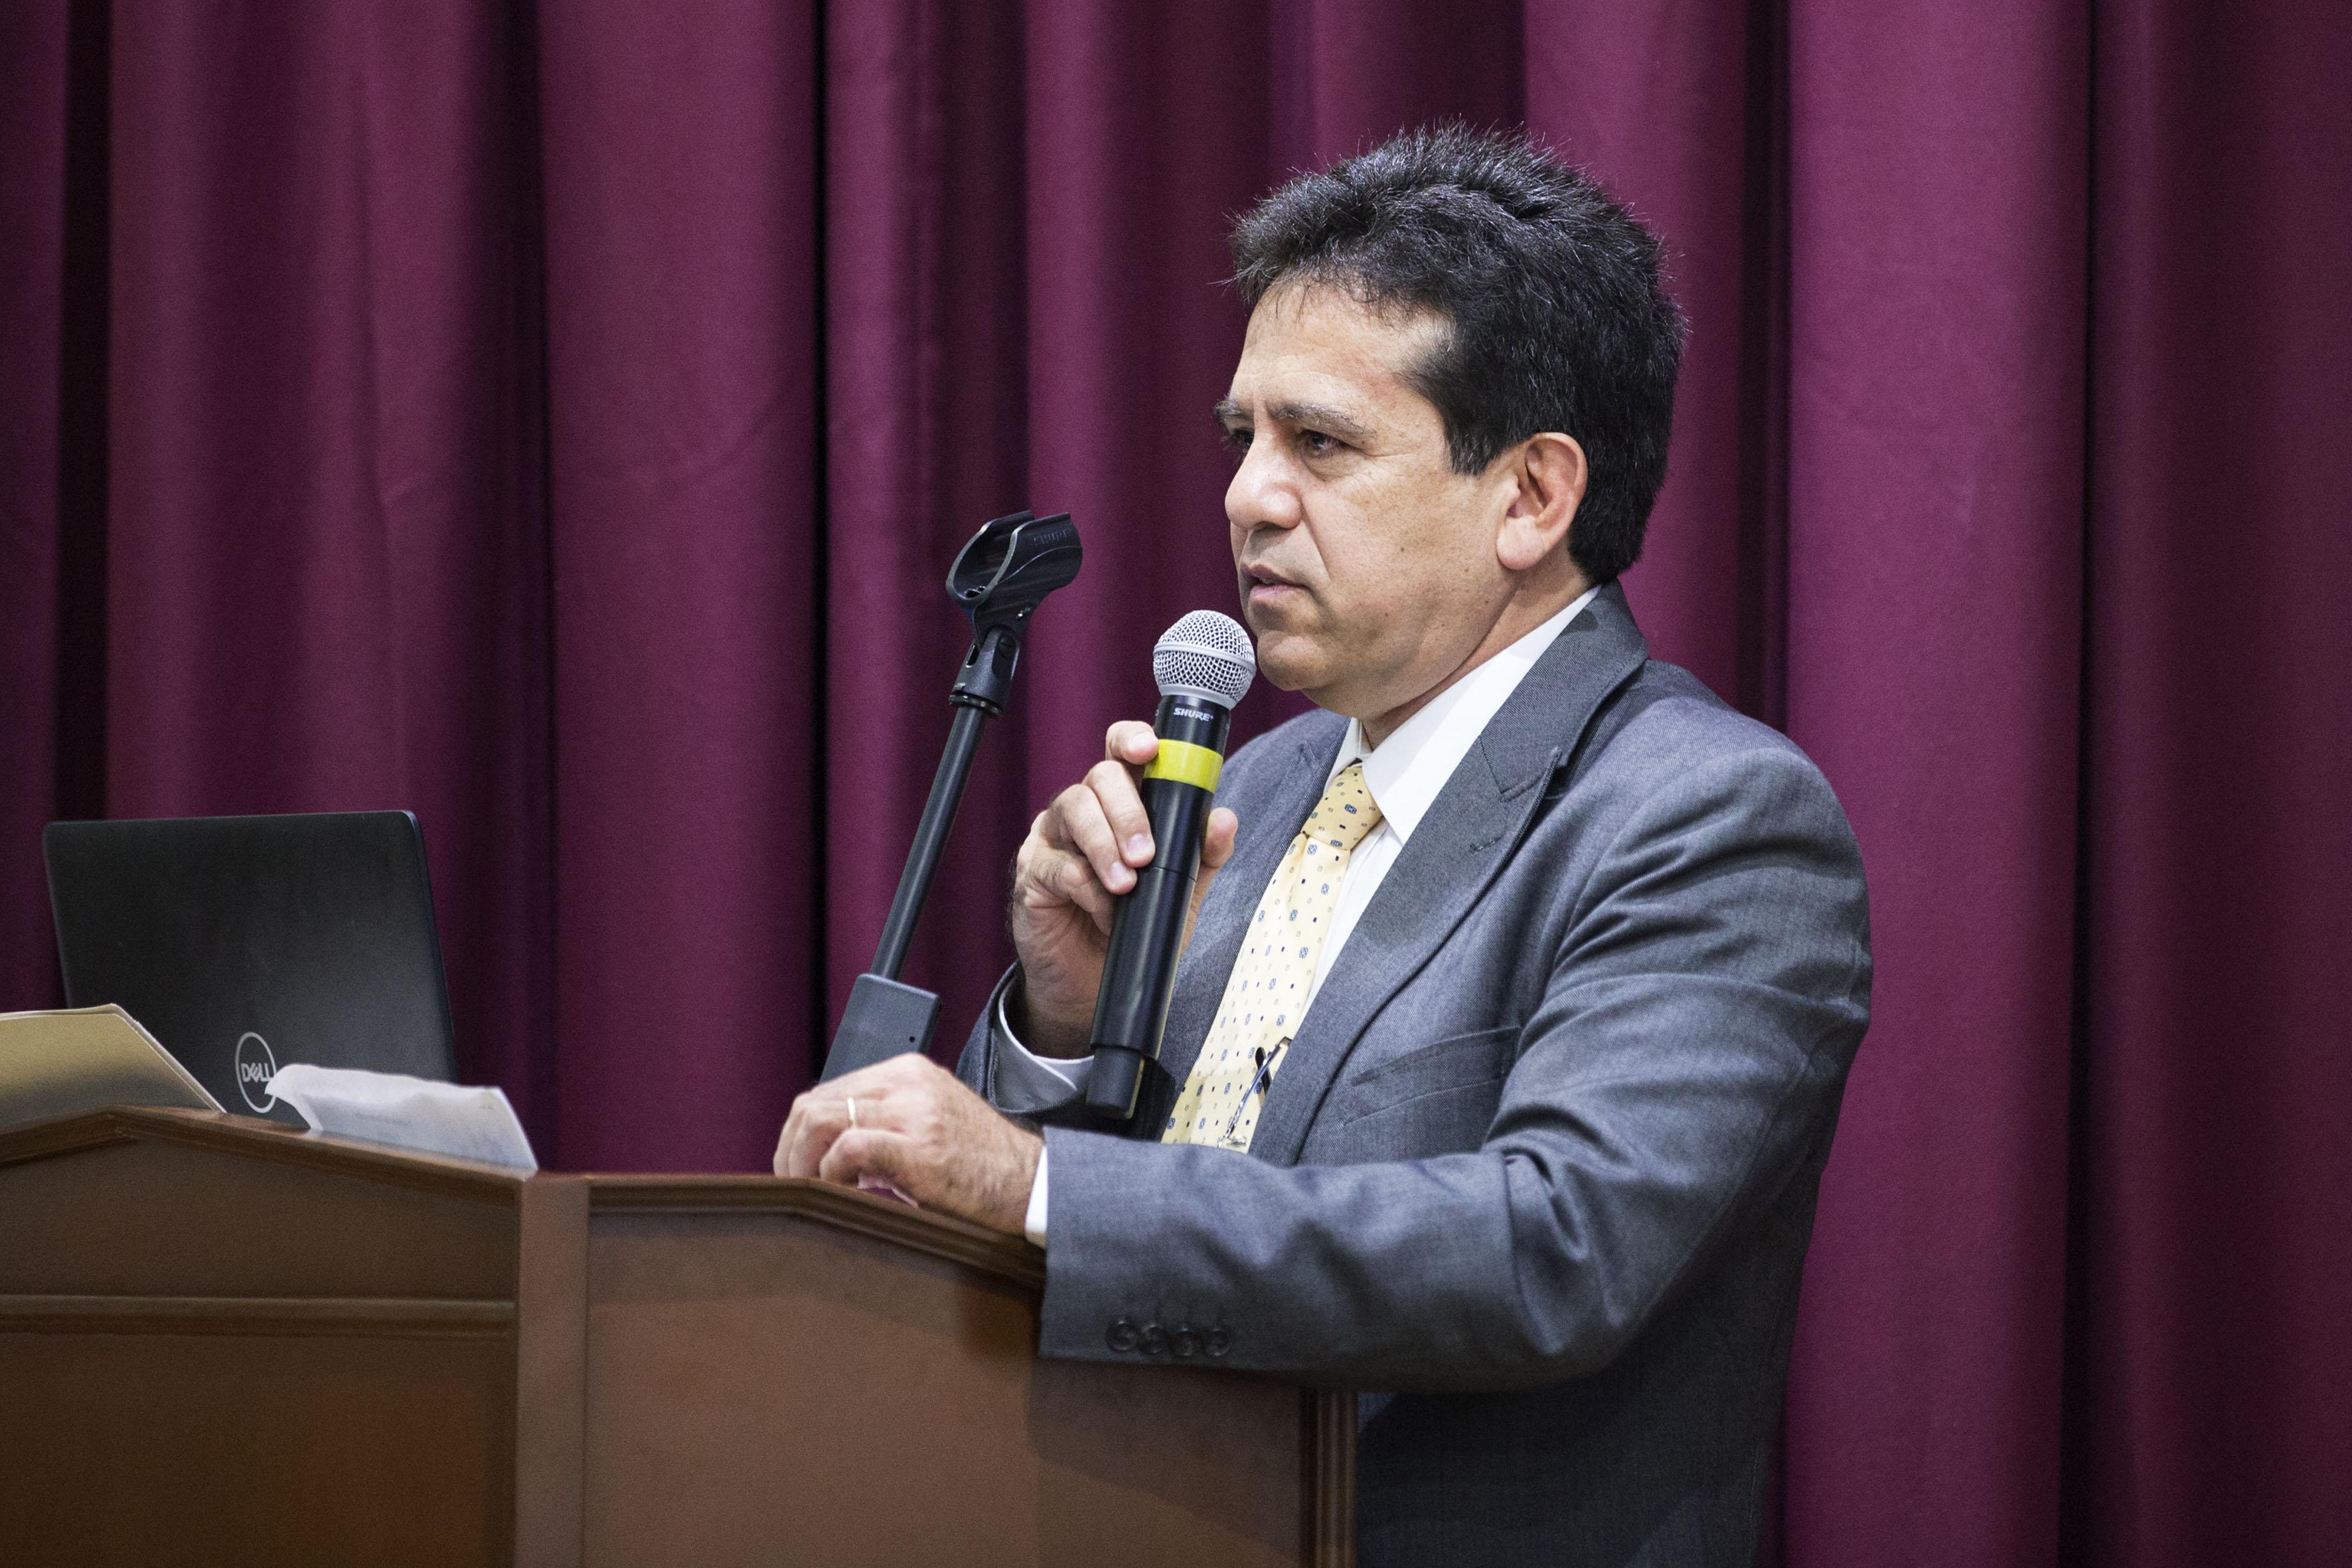 Director de la División de Ingenierías, doctor César Octavio Monzón, en podium del evento, haciendo uso de la palabra, durante acto de inauguración del segundo Congreso de Ingeniería Industrial Logística.